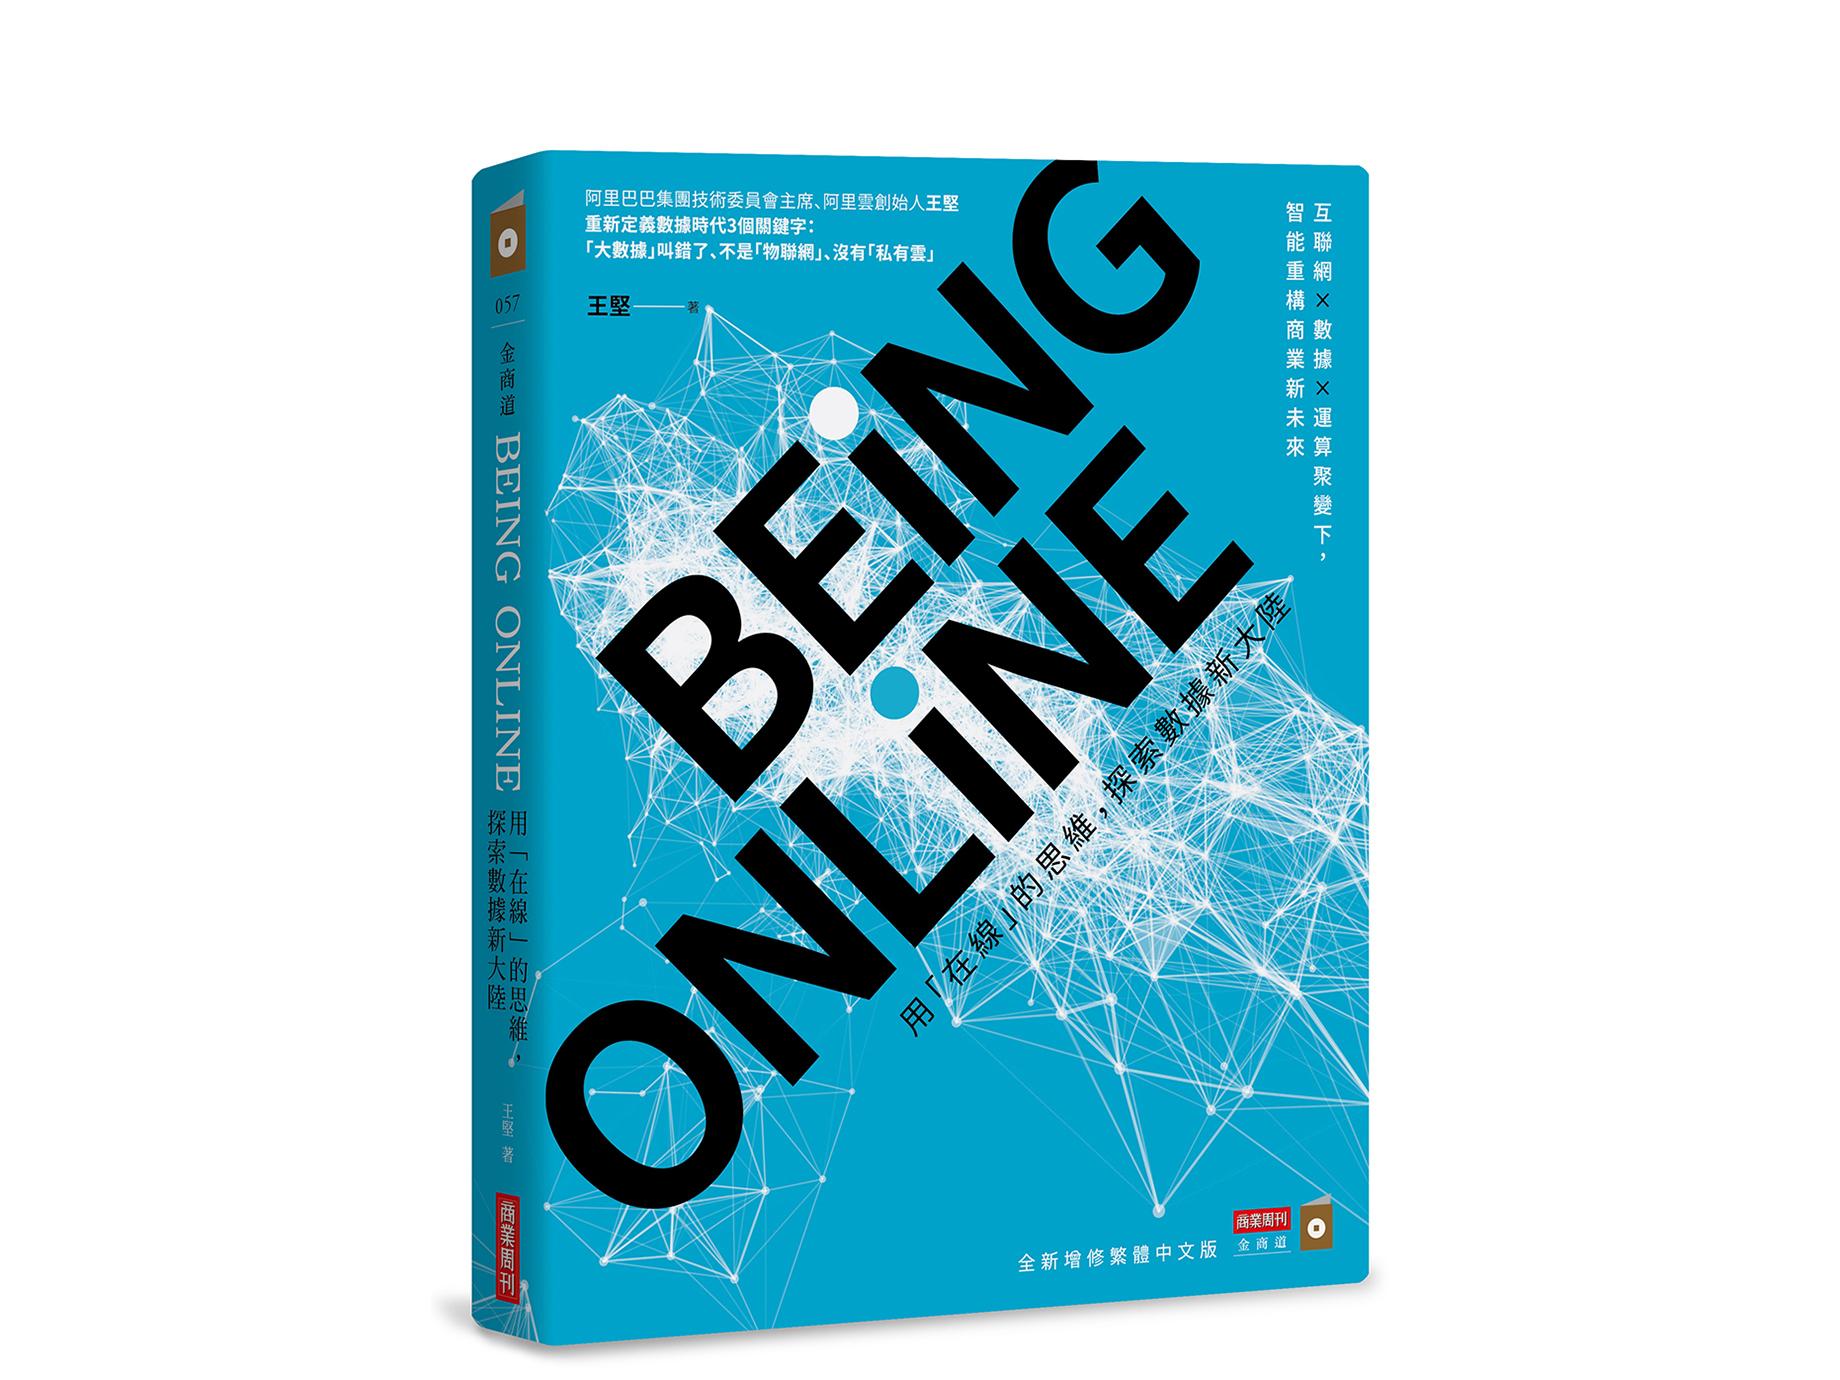 新書搶先看》王堅(阿里雲創辦人):千萬不要想著利用數據,去改進現有業務